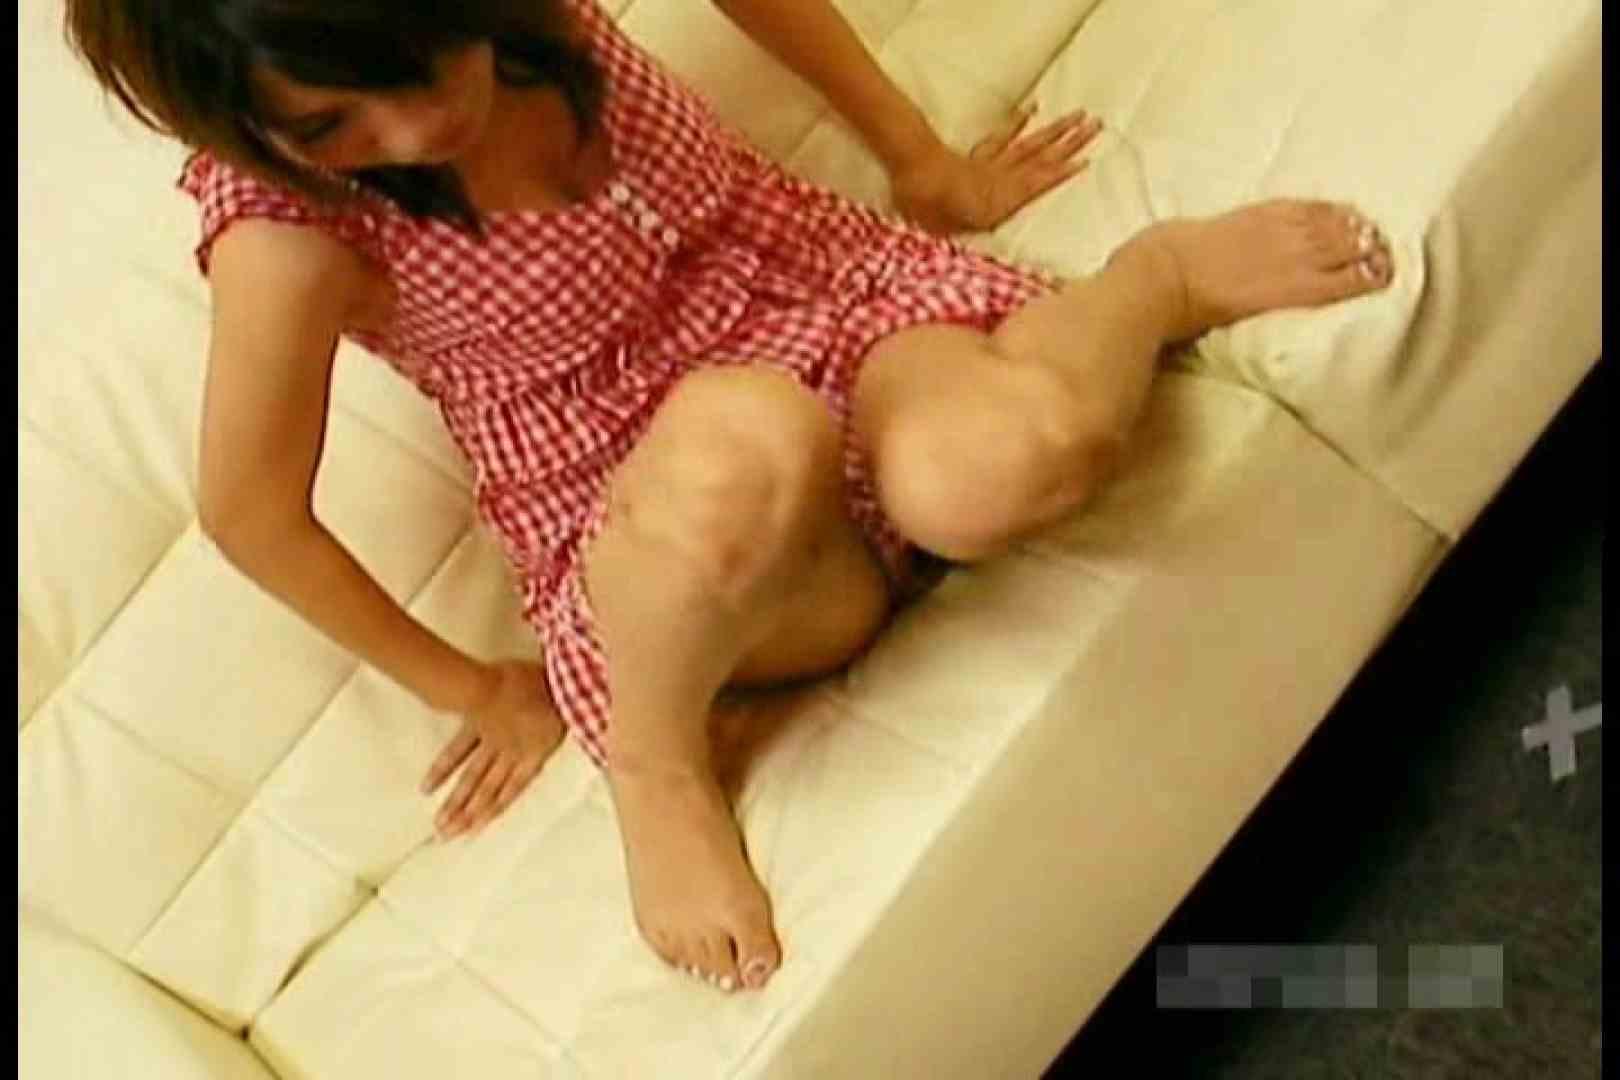 素人撮影 下着だけの撮影のはずが・・・まり25歳 おっぱい大好き | 隠撮  67pic 22